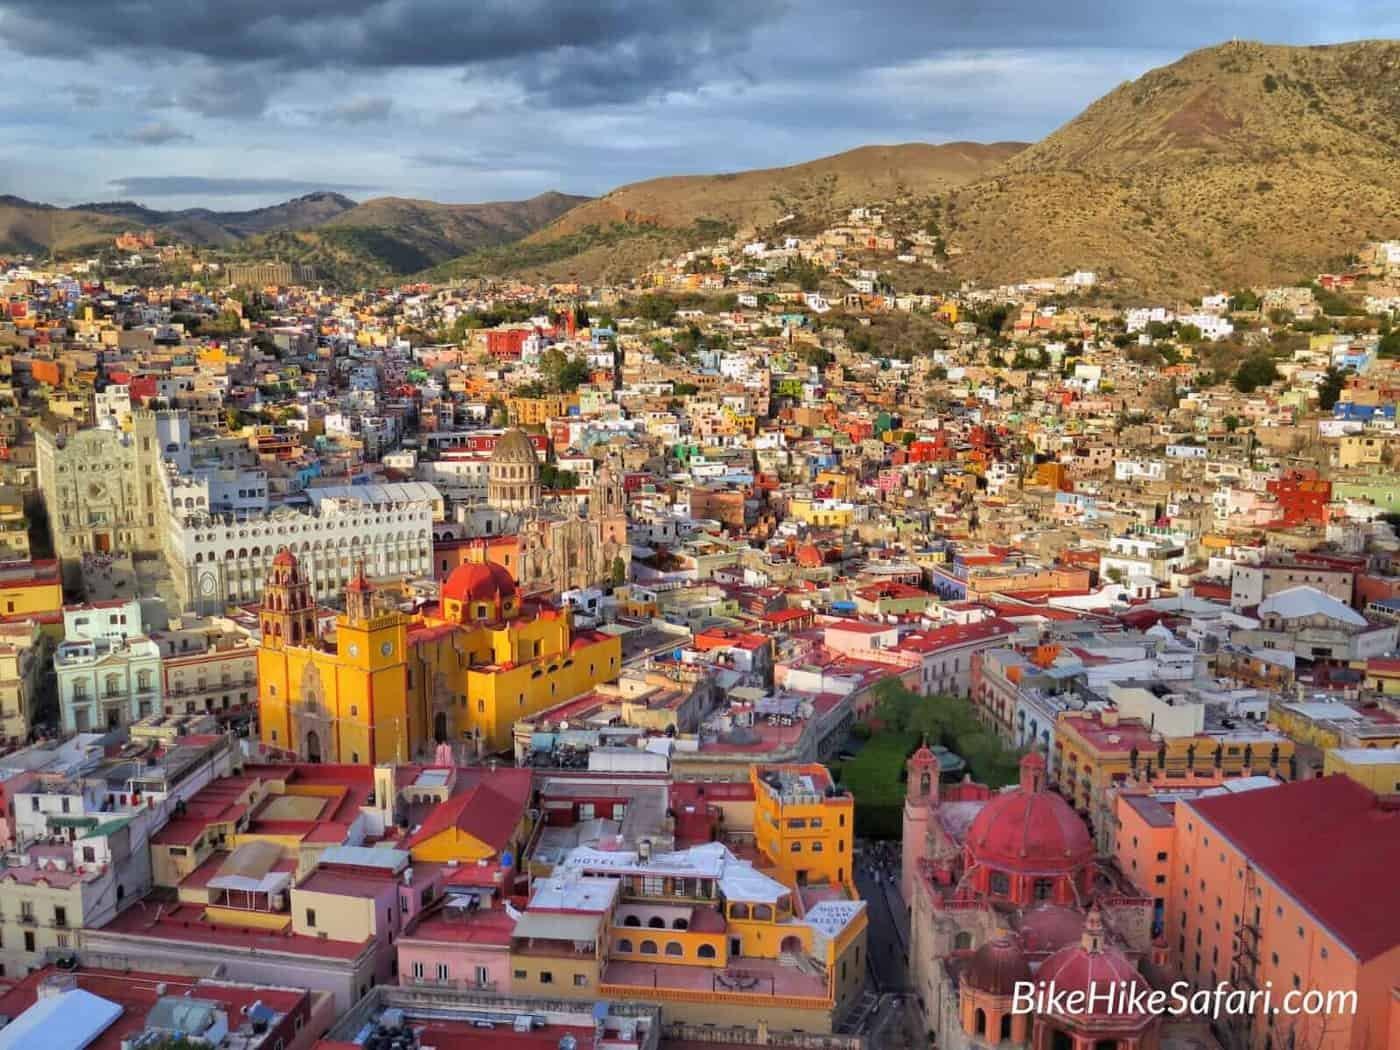 The colors of Guanajuato